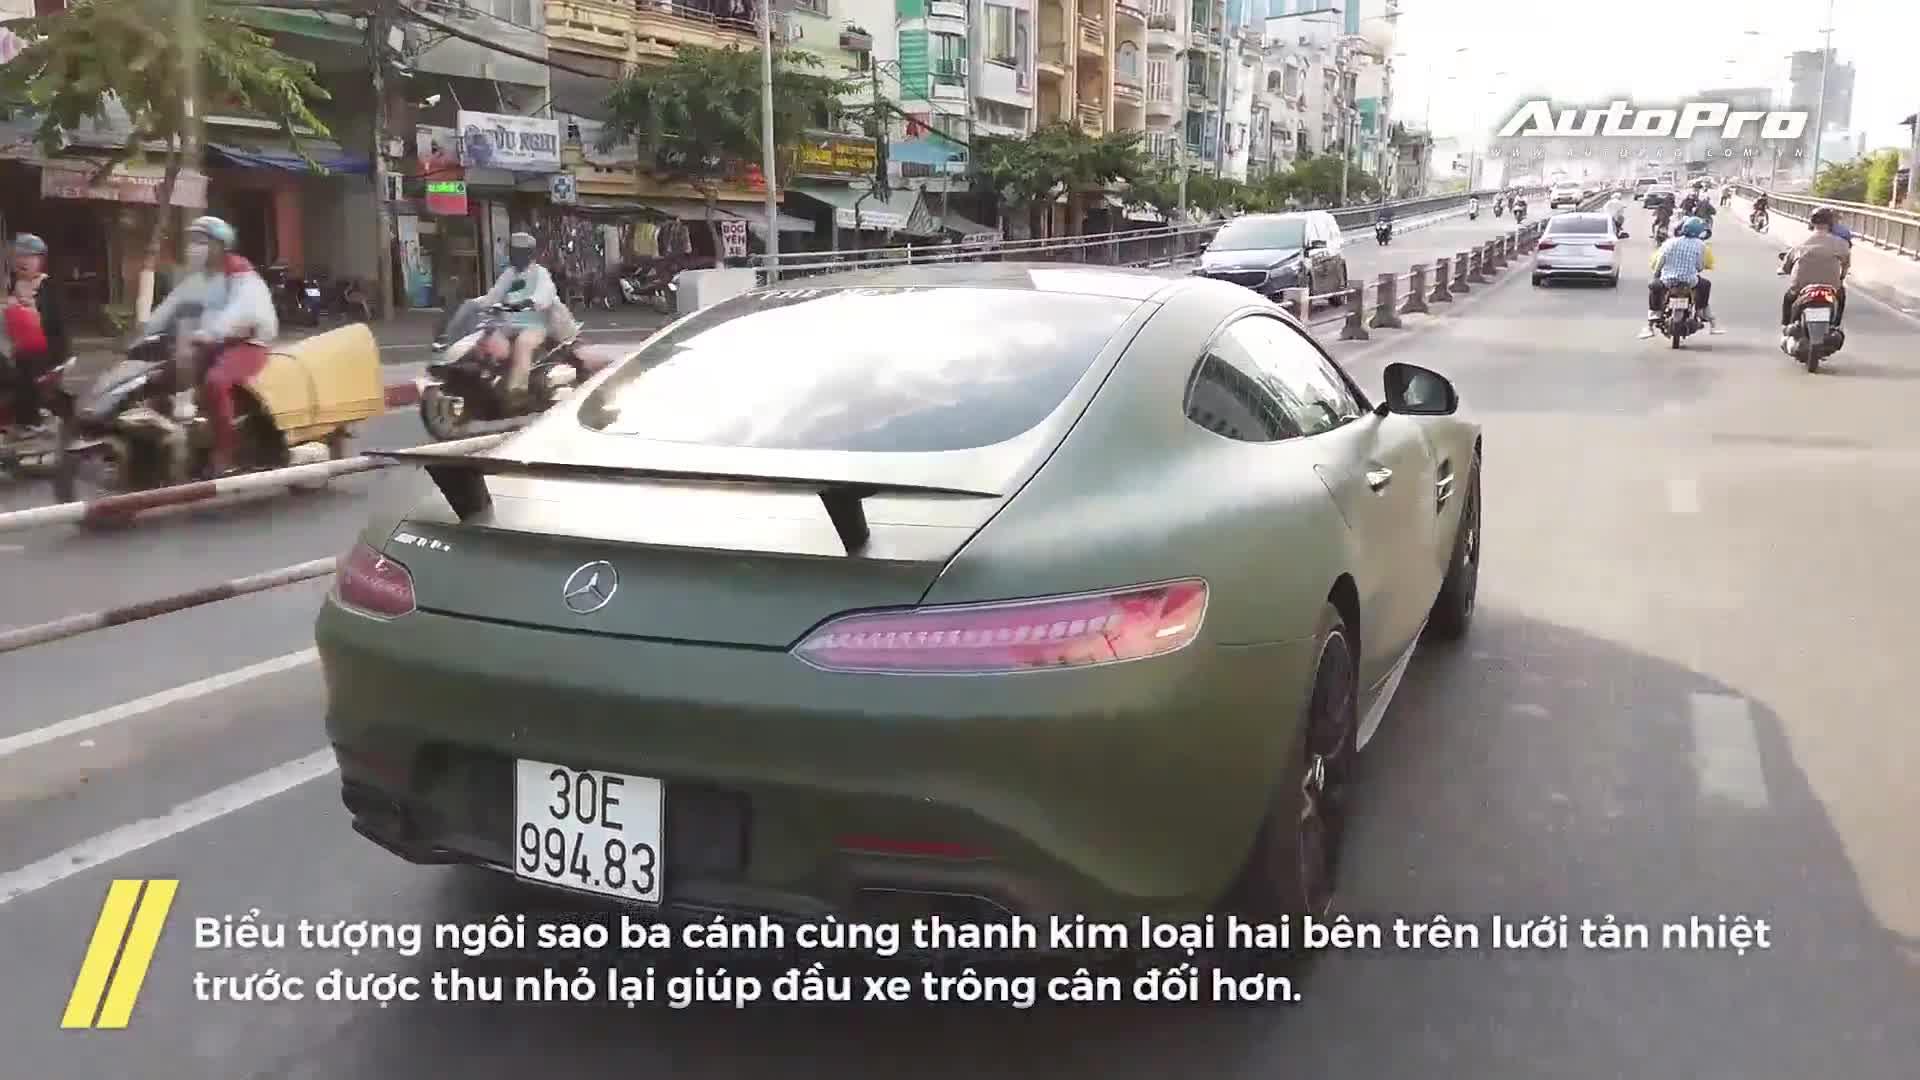 Mercedes-AMG GT S Edition 1 của ông Đặng Lê Nguyên Vũ bất ngờ xuất hiện trên phố Sài Gòn sau 3 năm vắng bóng